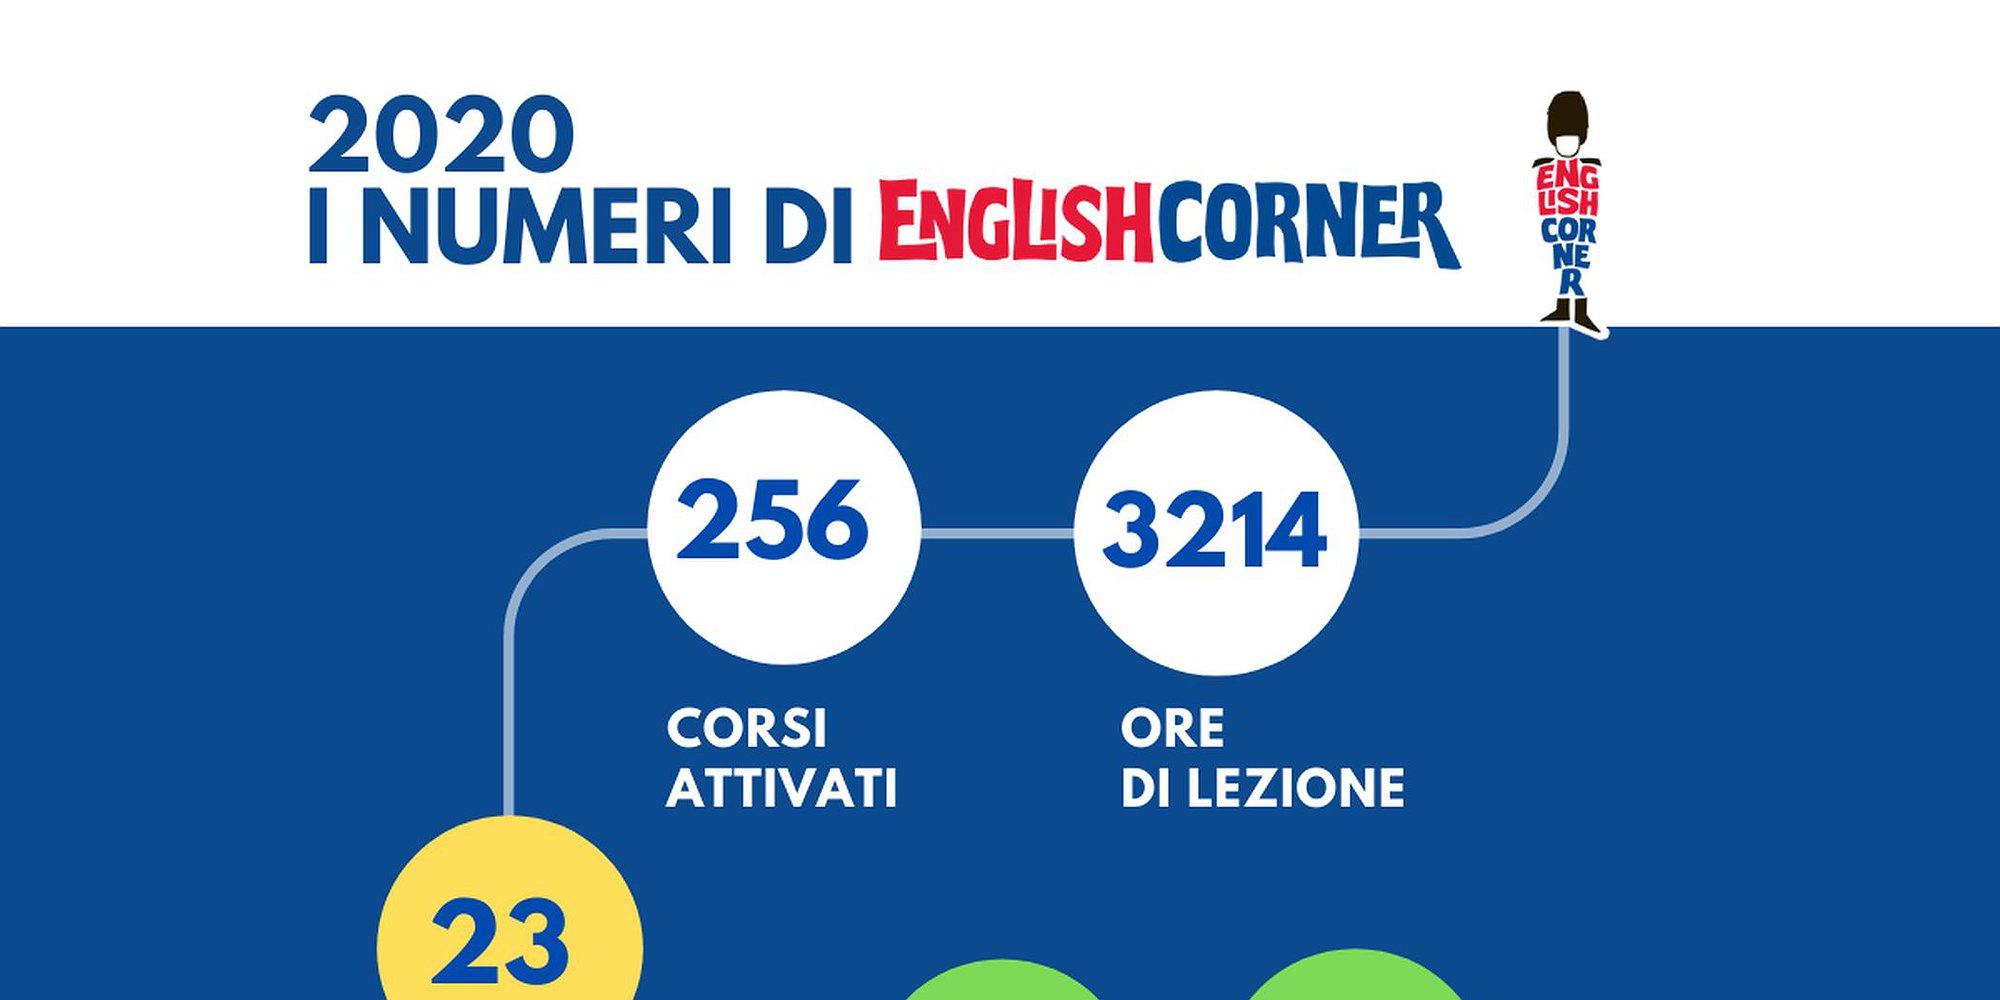 2020. I numeri di English Corner